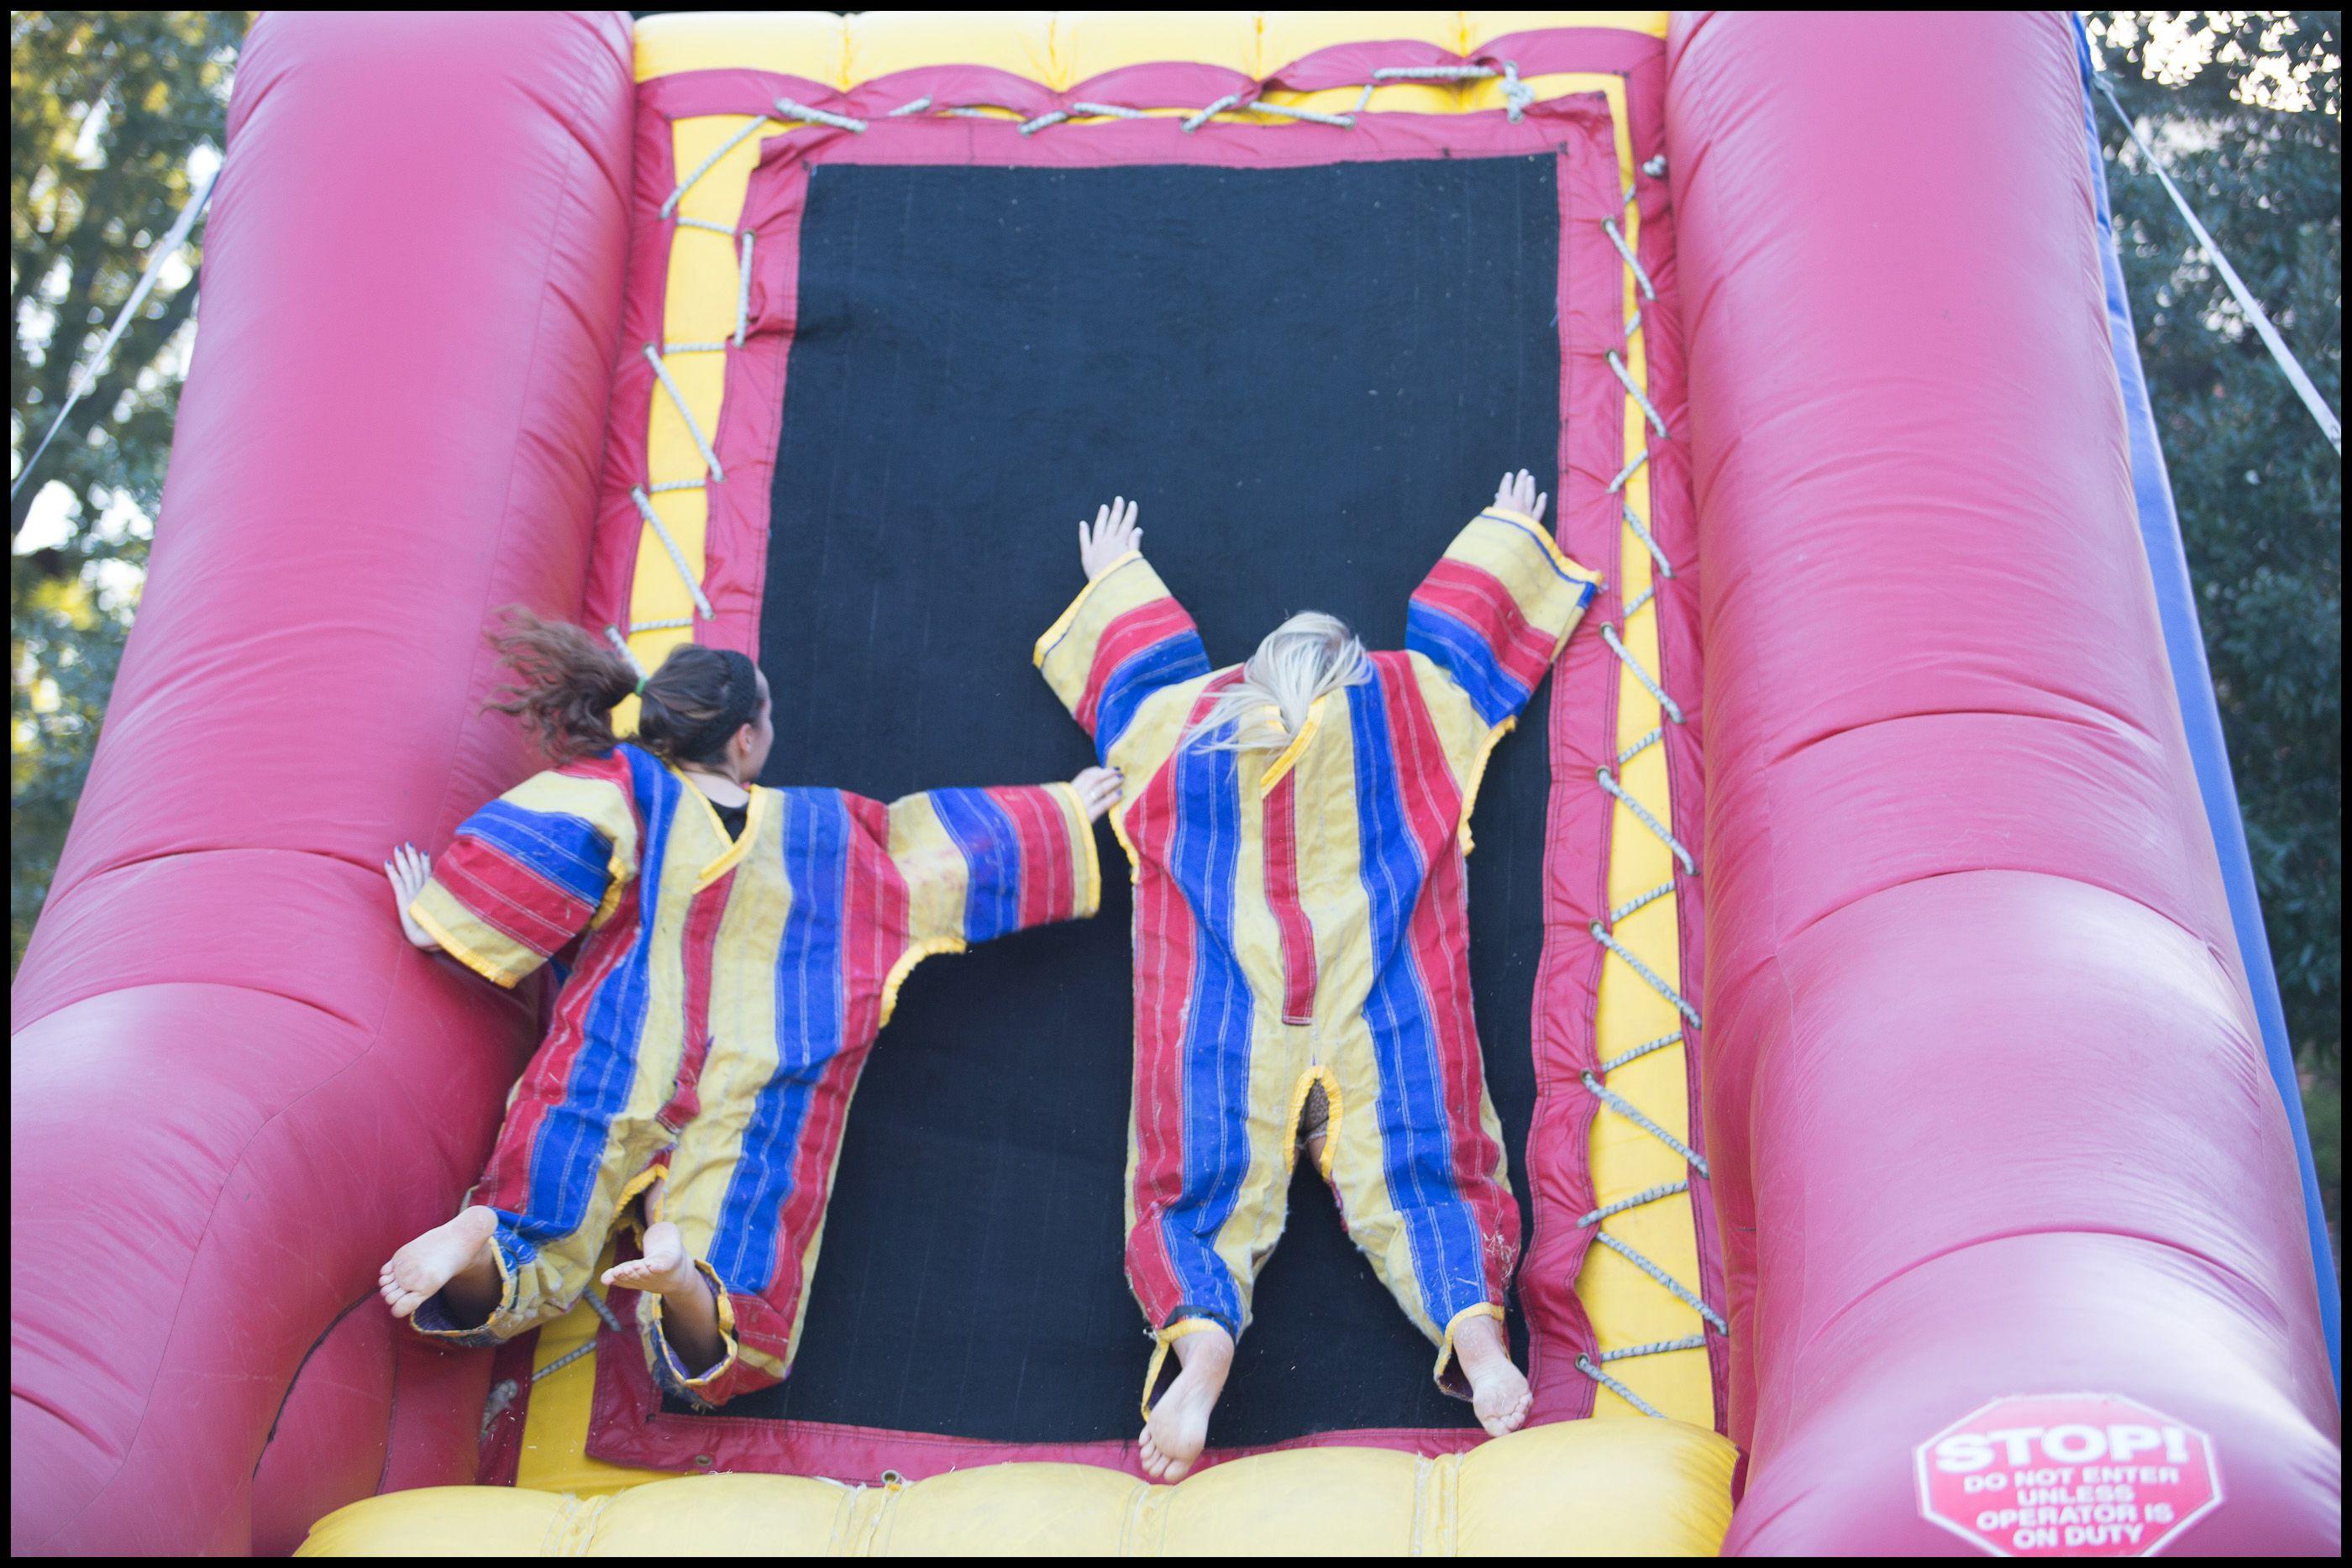 Carnival Games Carnival games, Halloween carnival, Carnival